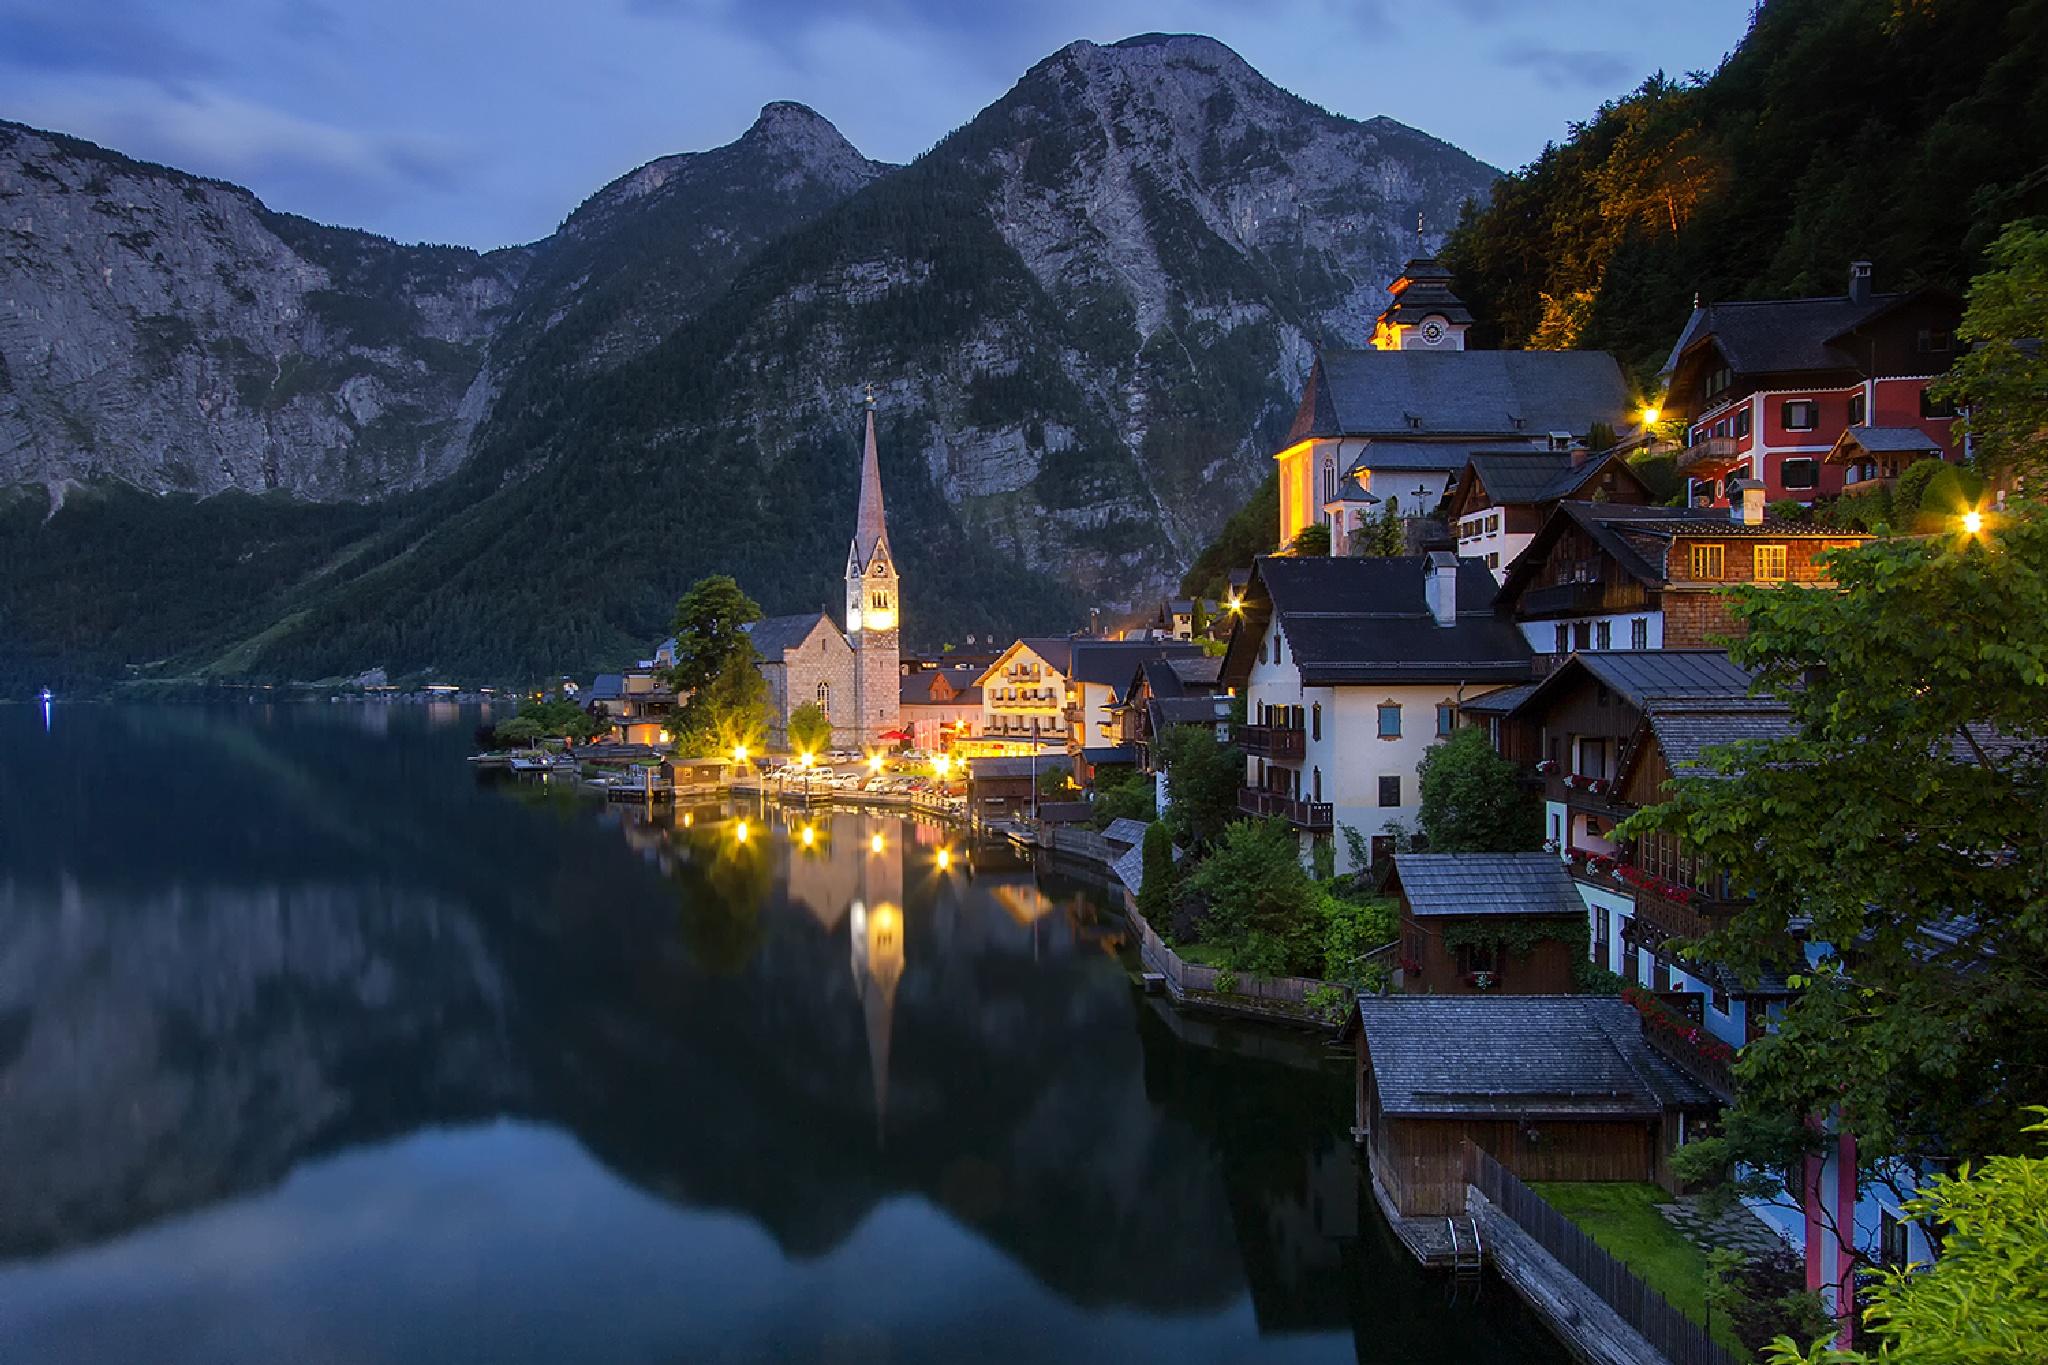 Hallstet Austria by PawelPendzialek